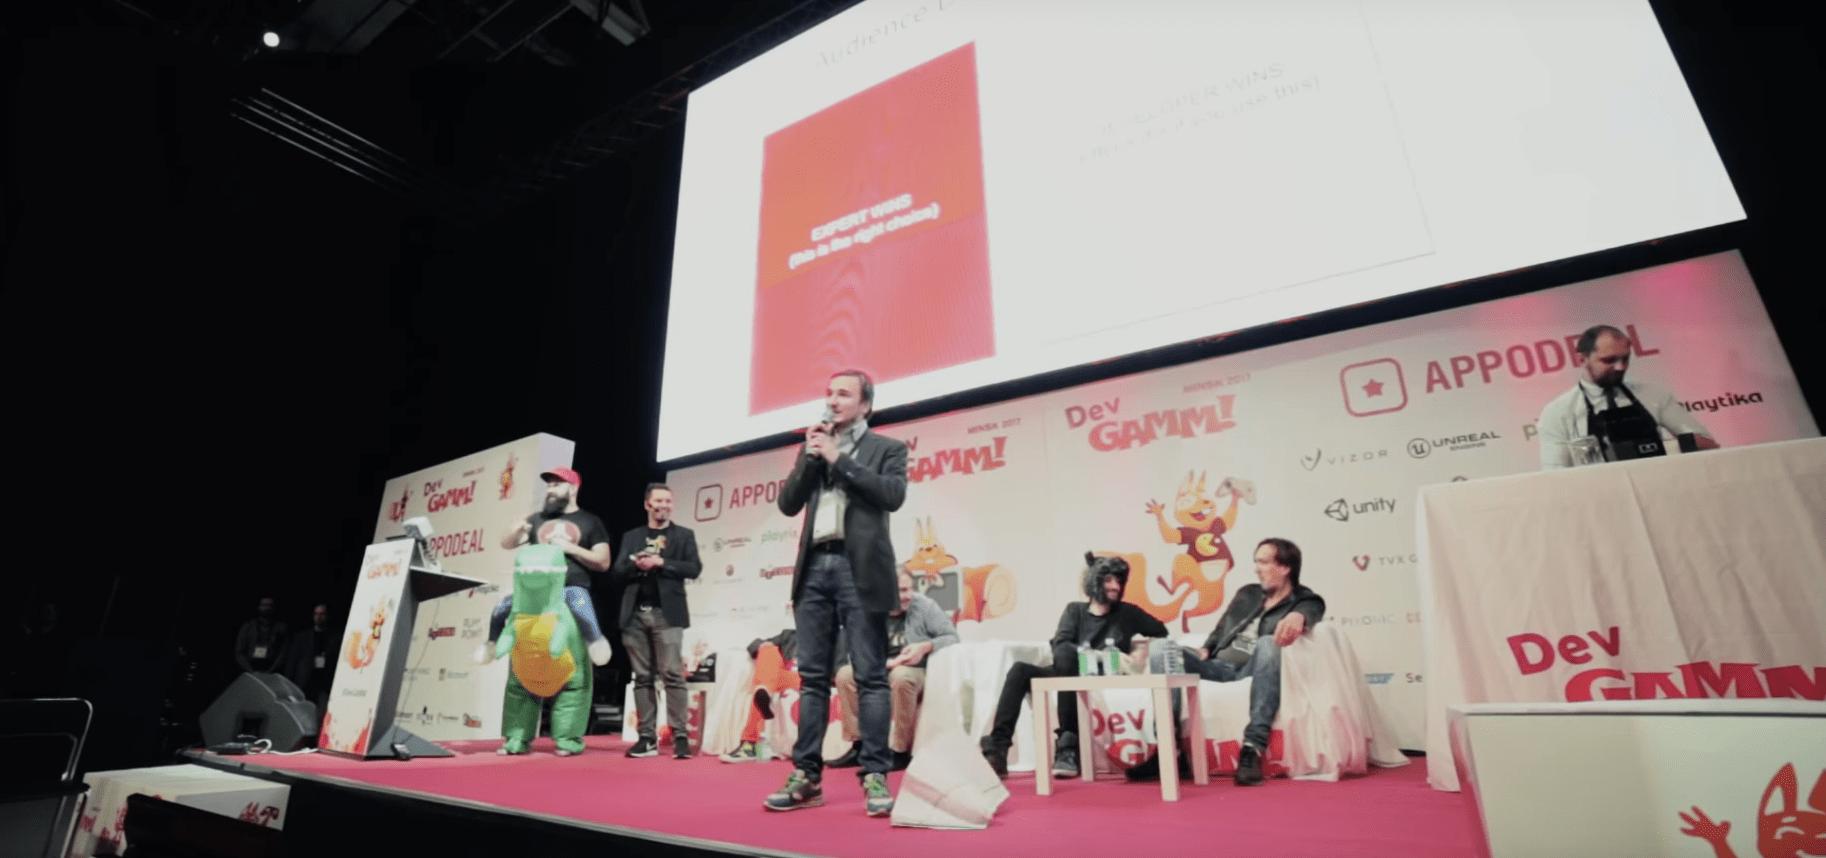 16 и 17 мая в Москве уже в шестой раз пройдёт DevGAMM — конференция  для разработчиков и издателей игр из СНГ